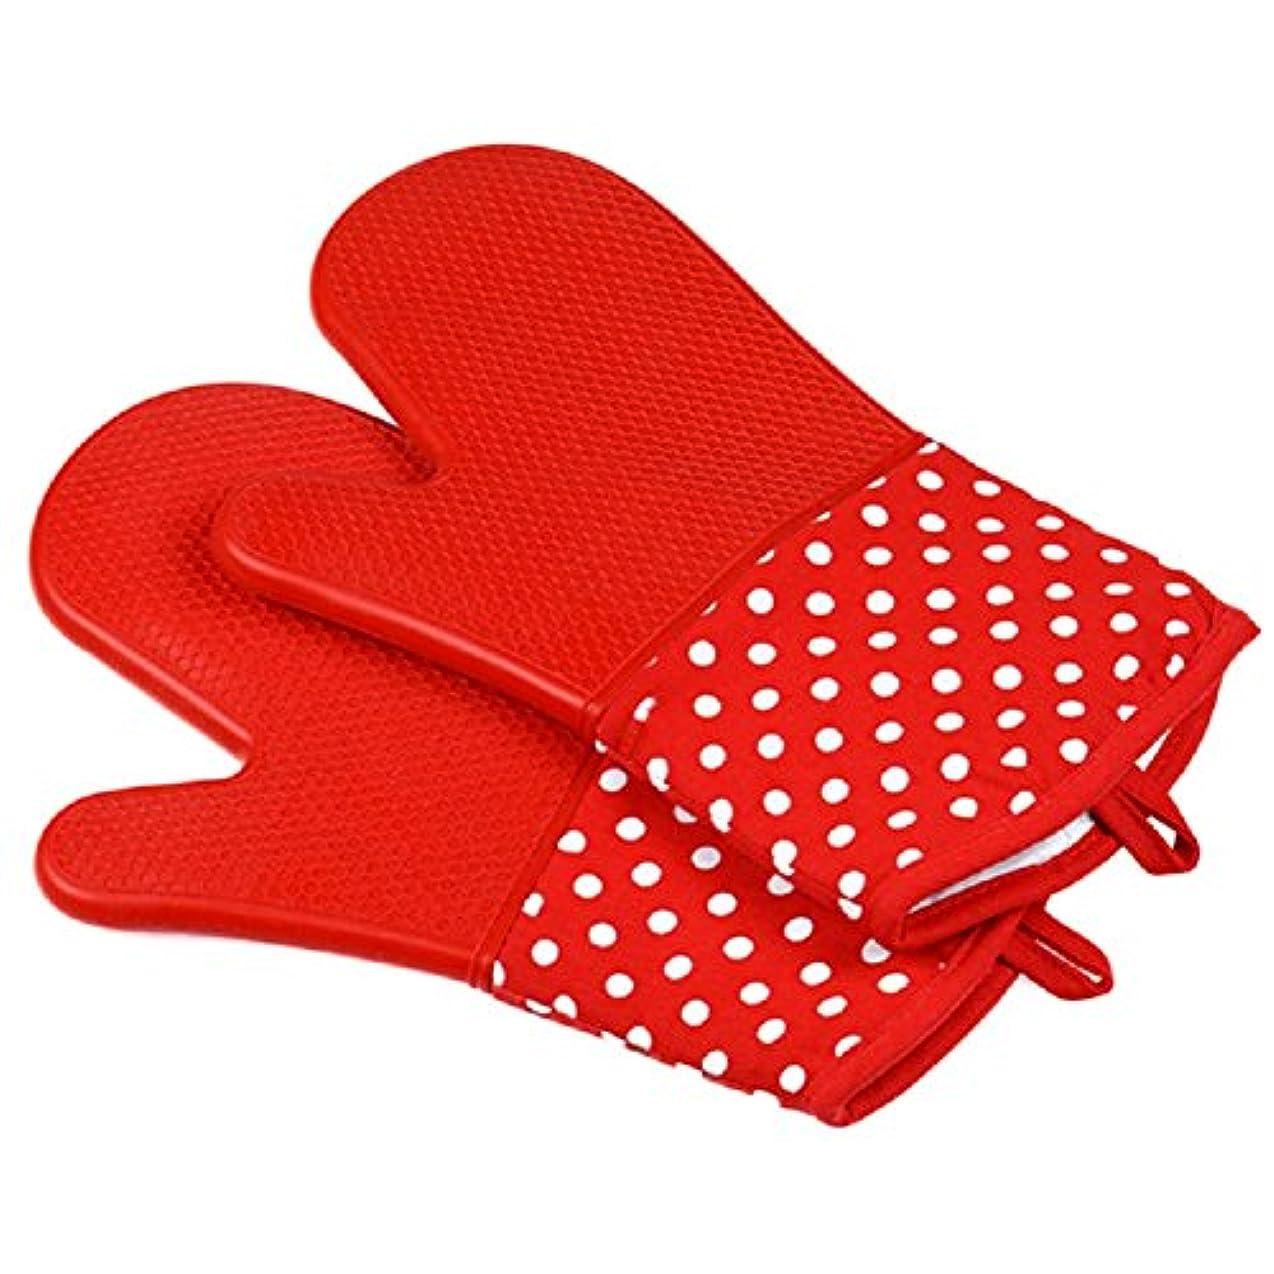 器具ノベルティ輝度OUYOU 耐熱グローブ シリコンチェック 耐熱温度300℃ キッチングローブ オーブンミトン シリコン手袋 滑り止め クッキング用 フリーサイズ 2個セット